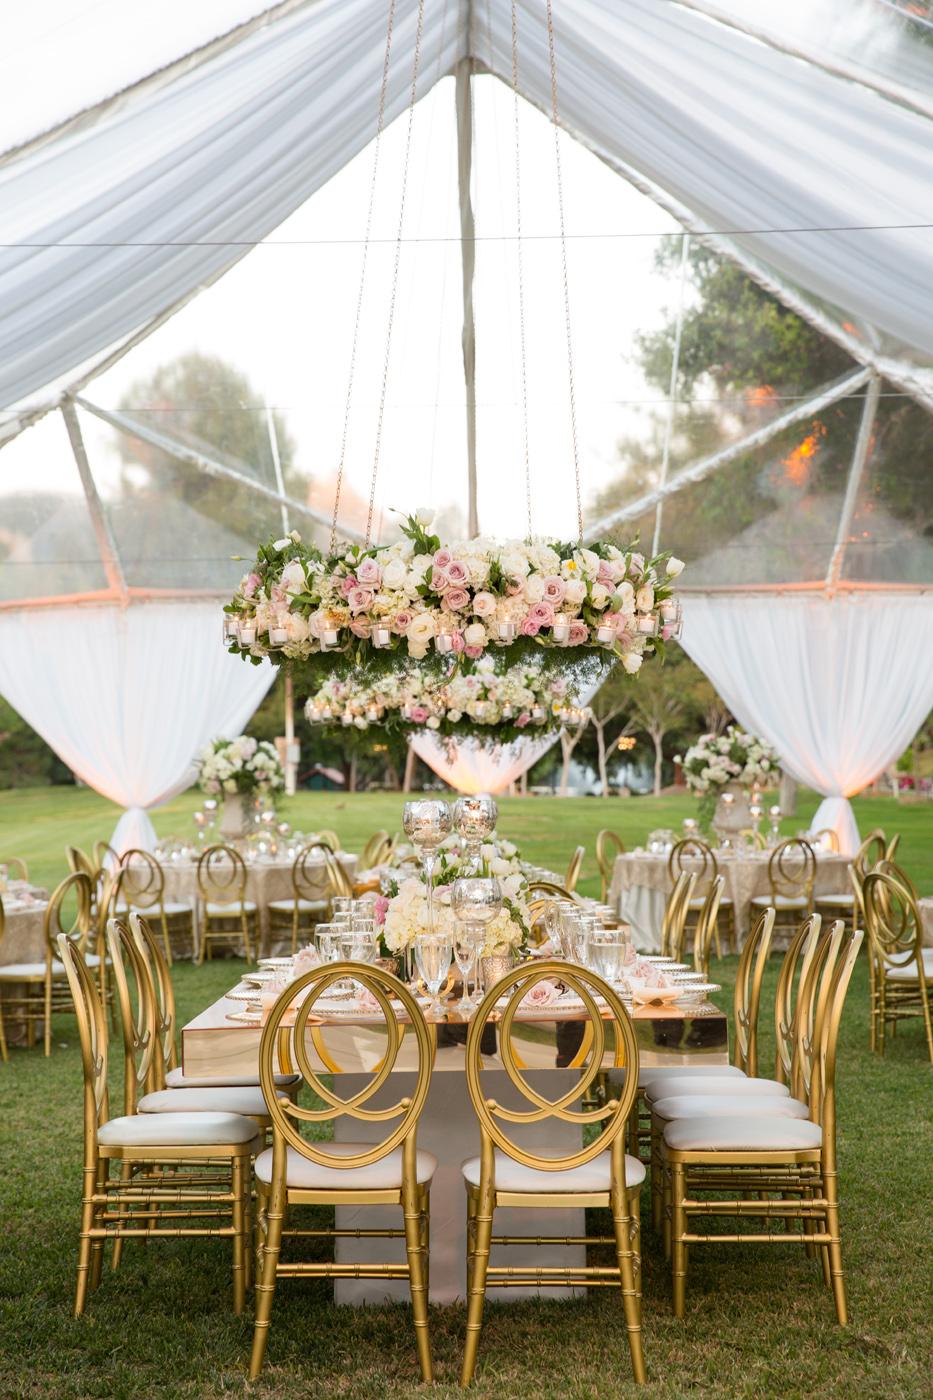 108_DukePhotography_DukeImages_Wedding_Details.jpg